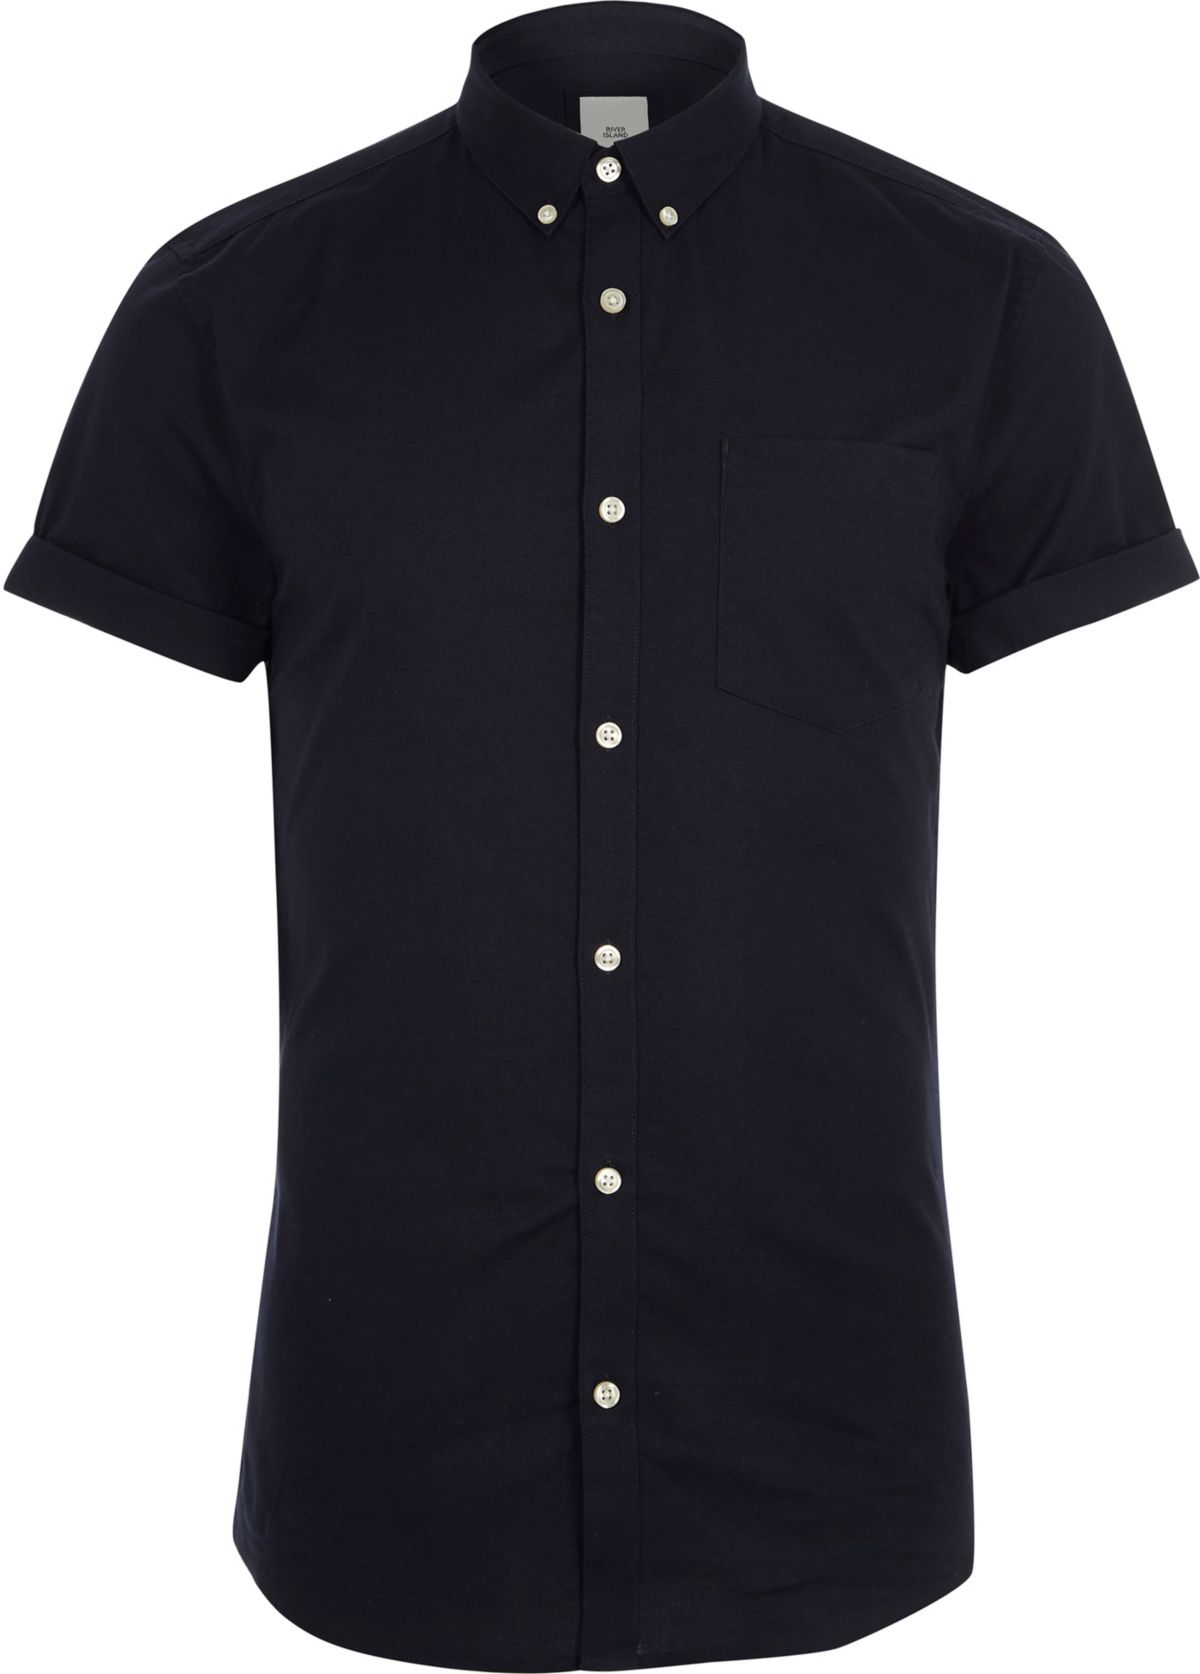 Chemise Oxford ajustée bleu marine à manches courtes